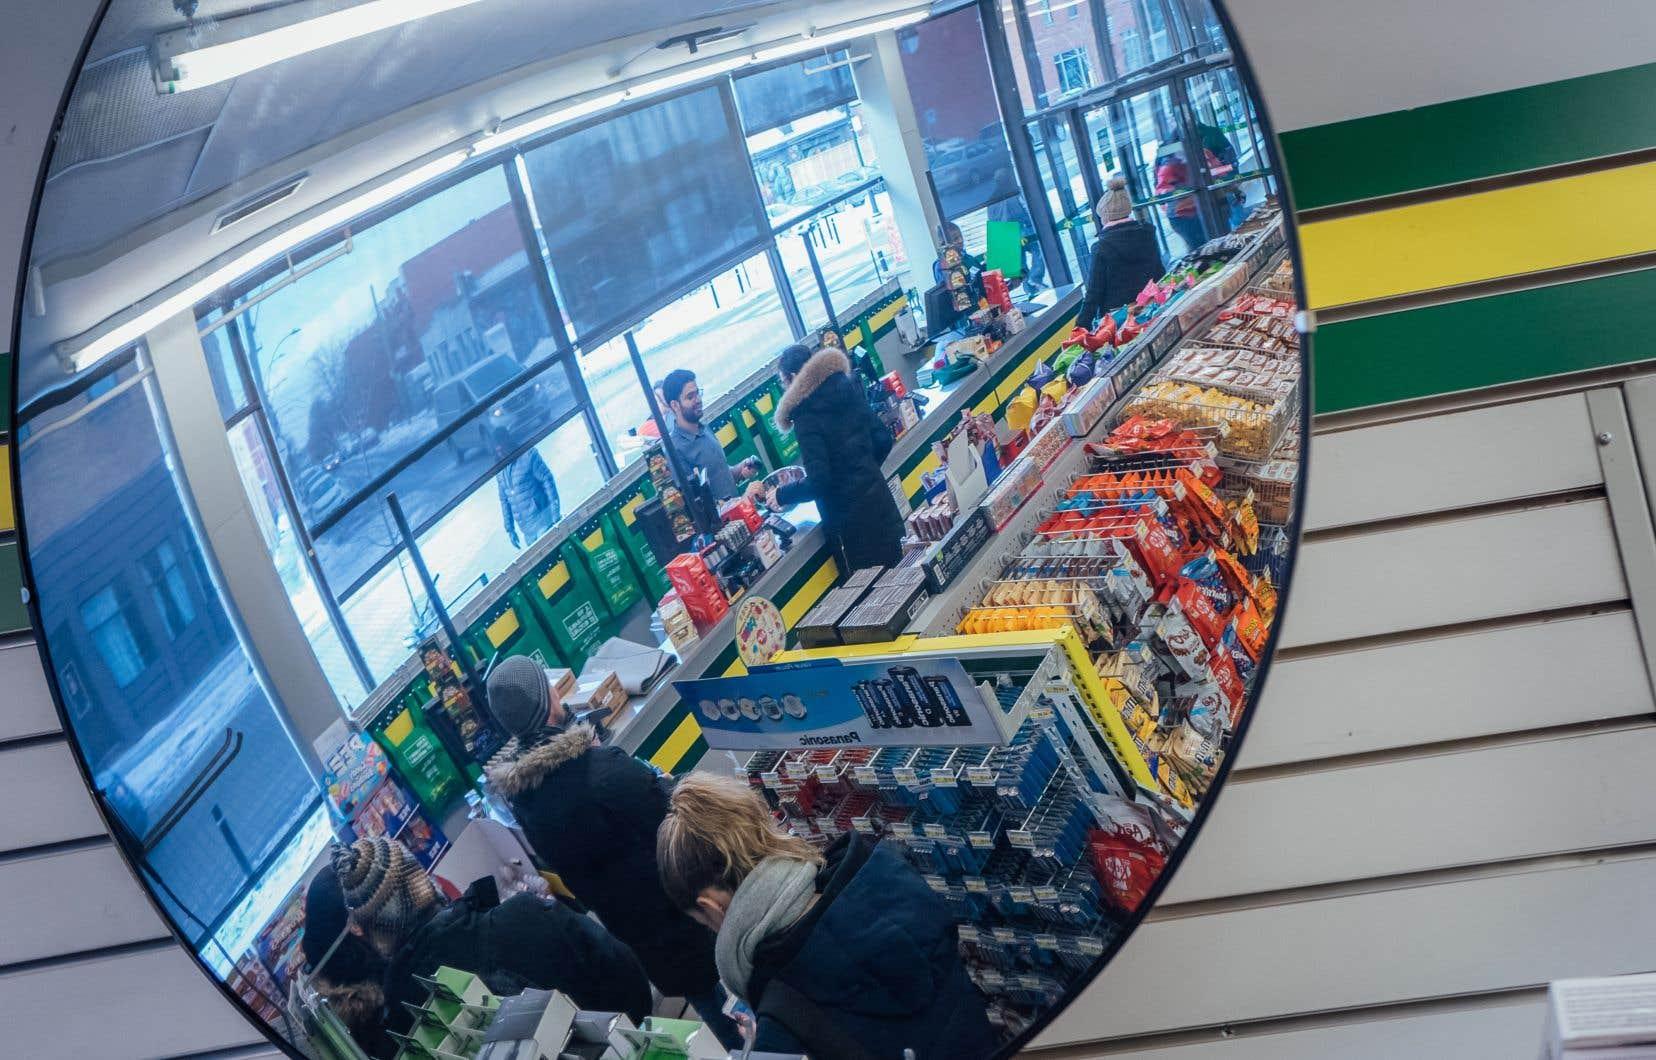 Depuis le début de la pandémie, les enseignes comme Dollarama tirent leur épingle du jeu dans un contexte où les consommateurs ont réduit leurs dépenses discrétionnaires, mais ont continué d'acheter de la nourriture et des articles ménagers jugés essentiels.